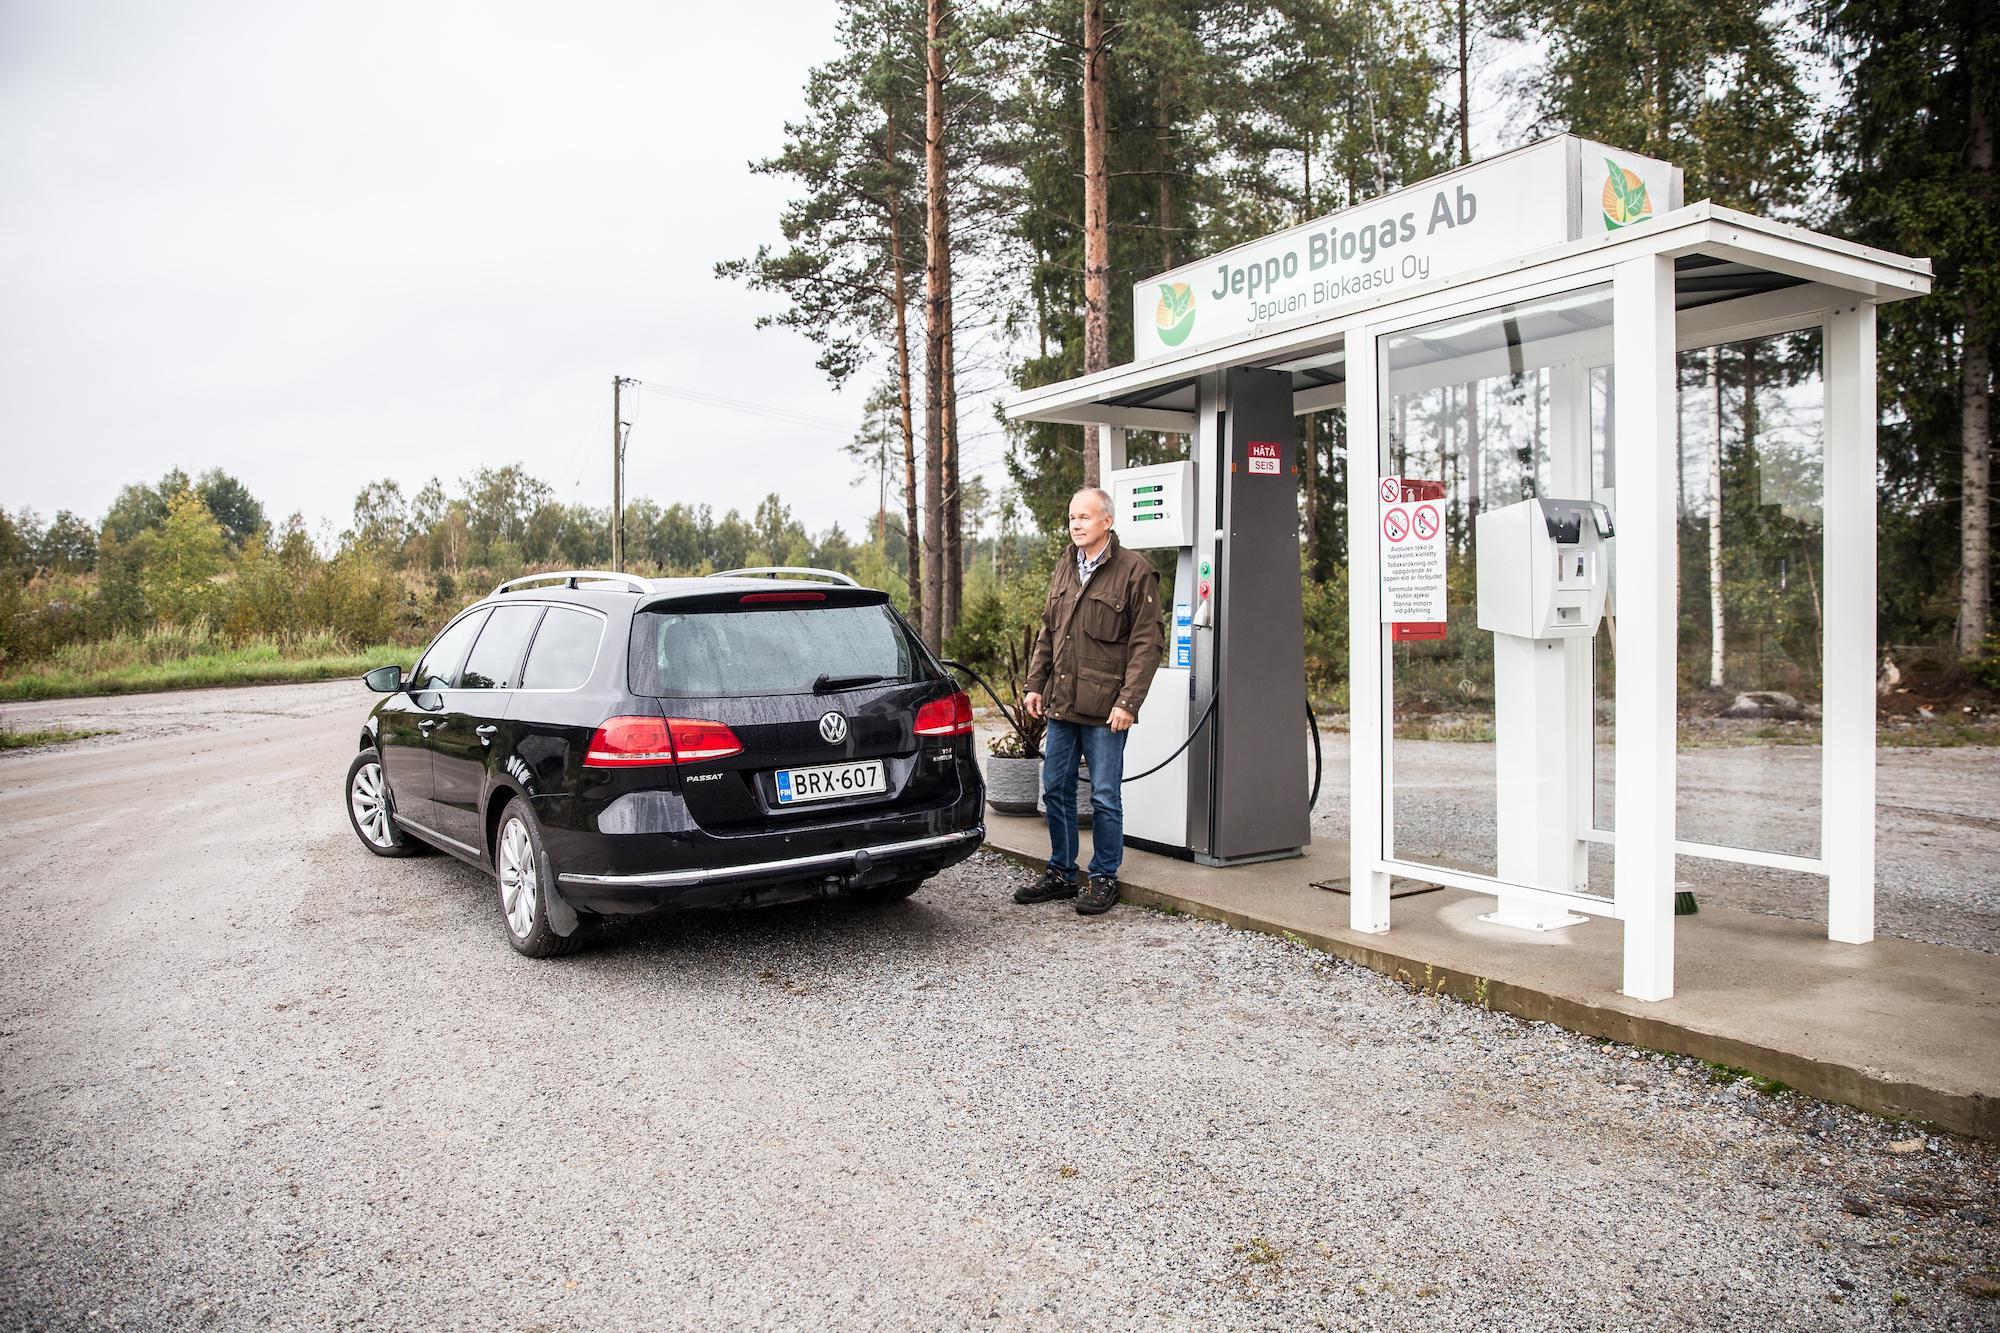 Biotankstation där man får trafikbiogas i Jeppo